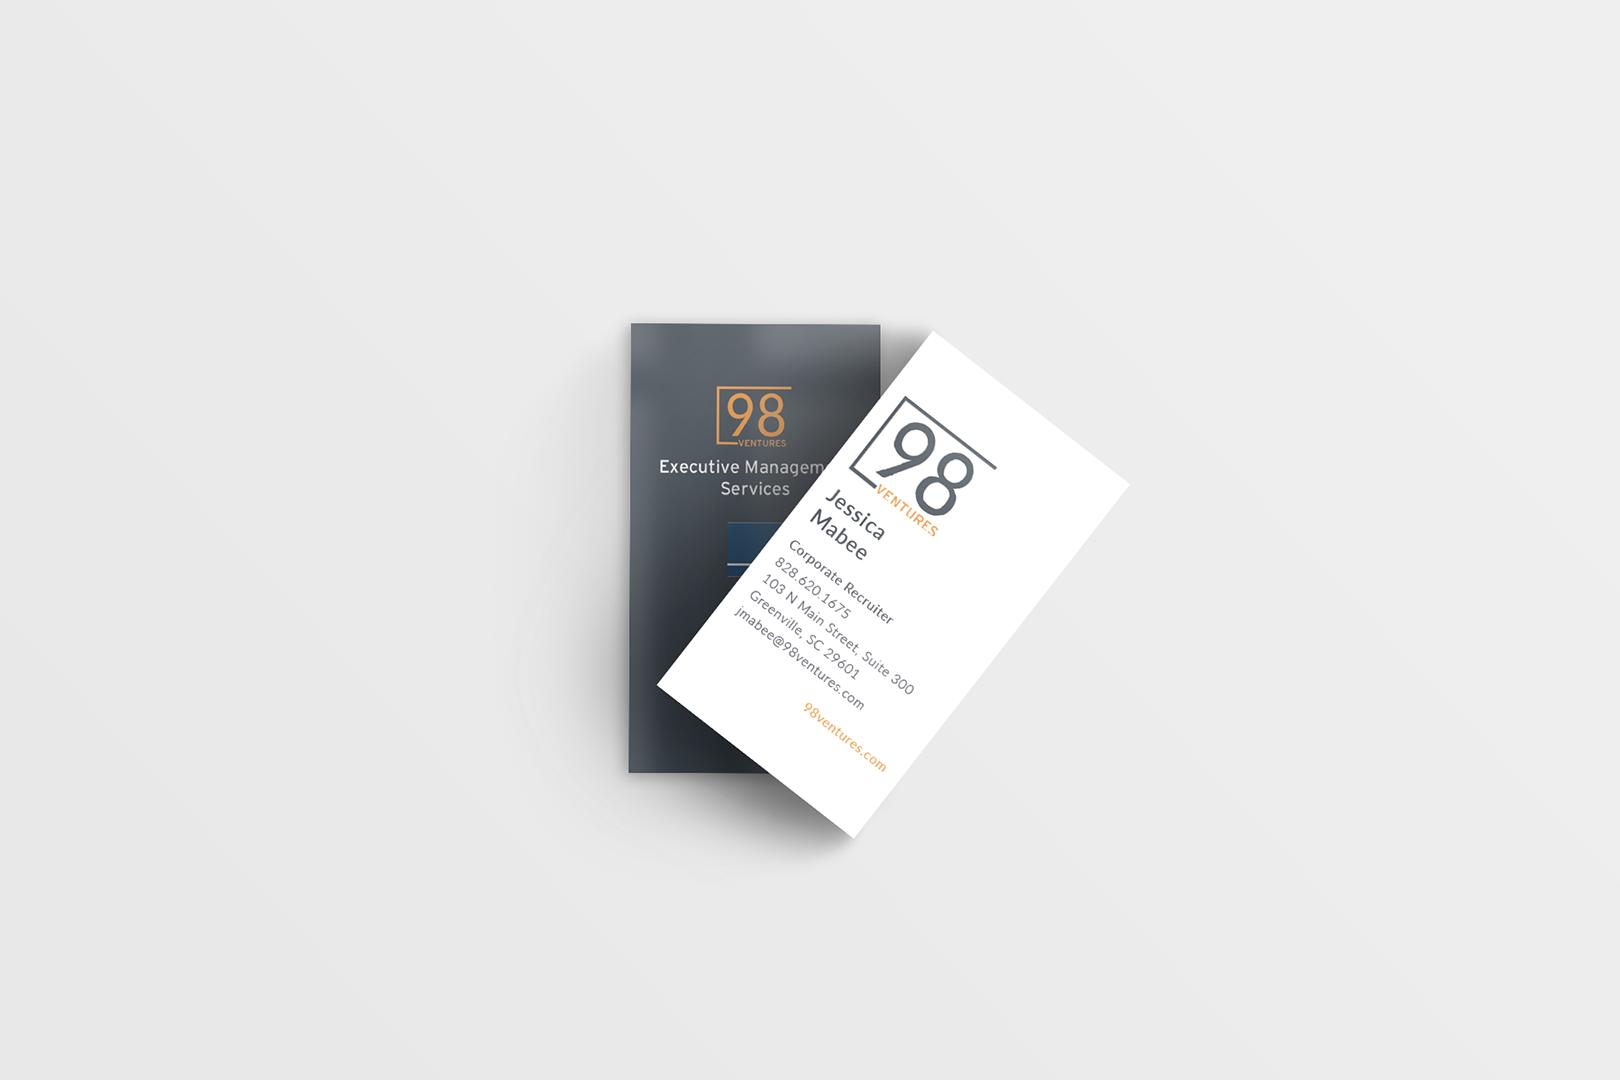 Business Card Mockup 98V 18